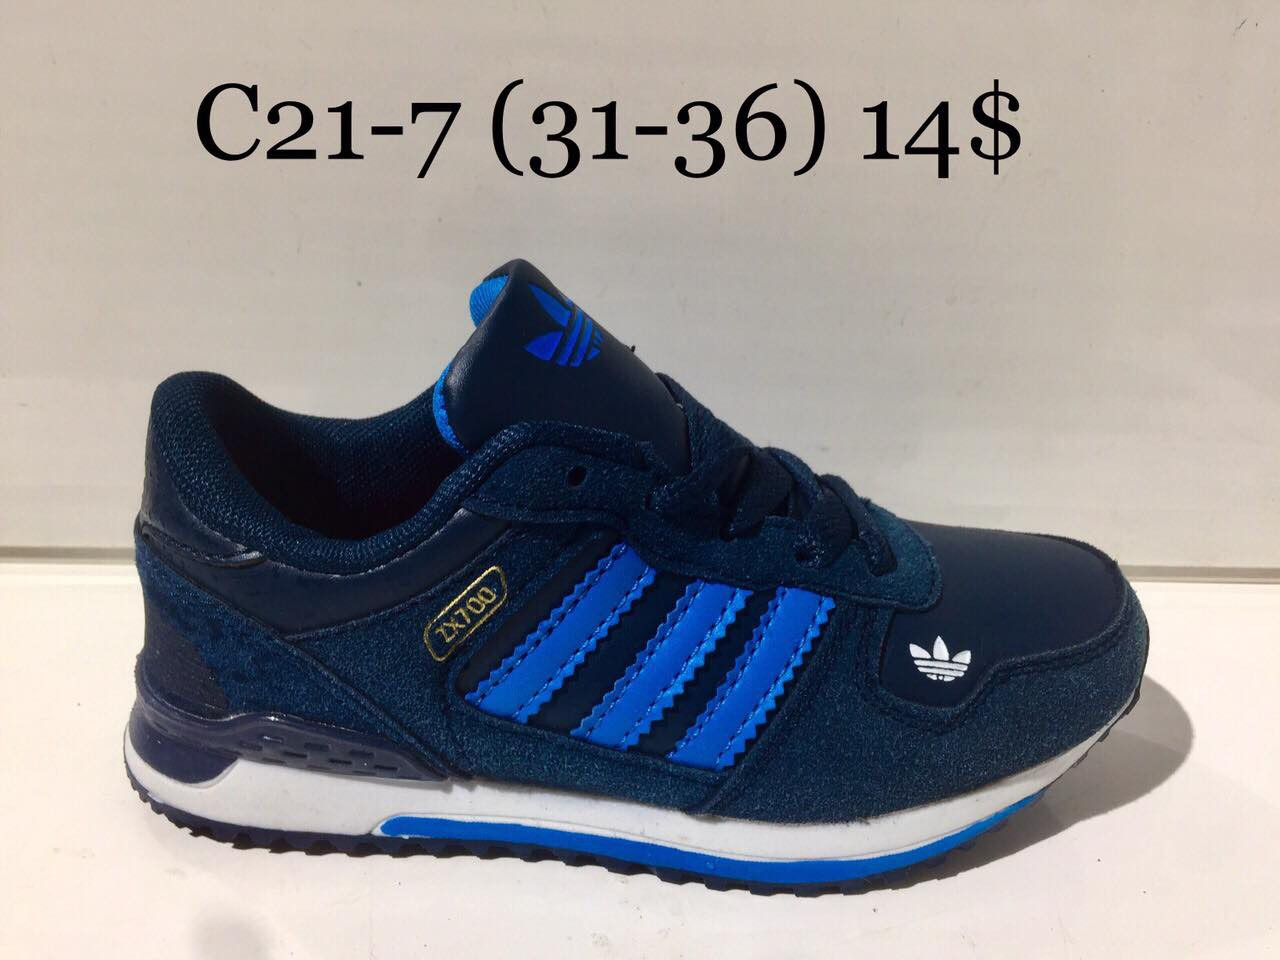 0bad236be1e7 Детские кроссовки оптом от Adidas ZX700 (31-36), цена 366,80 грн ...